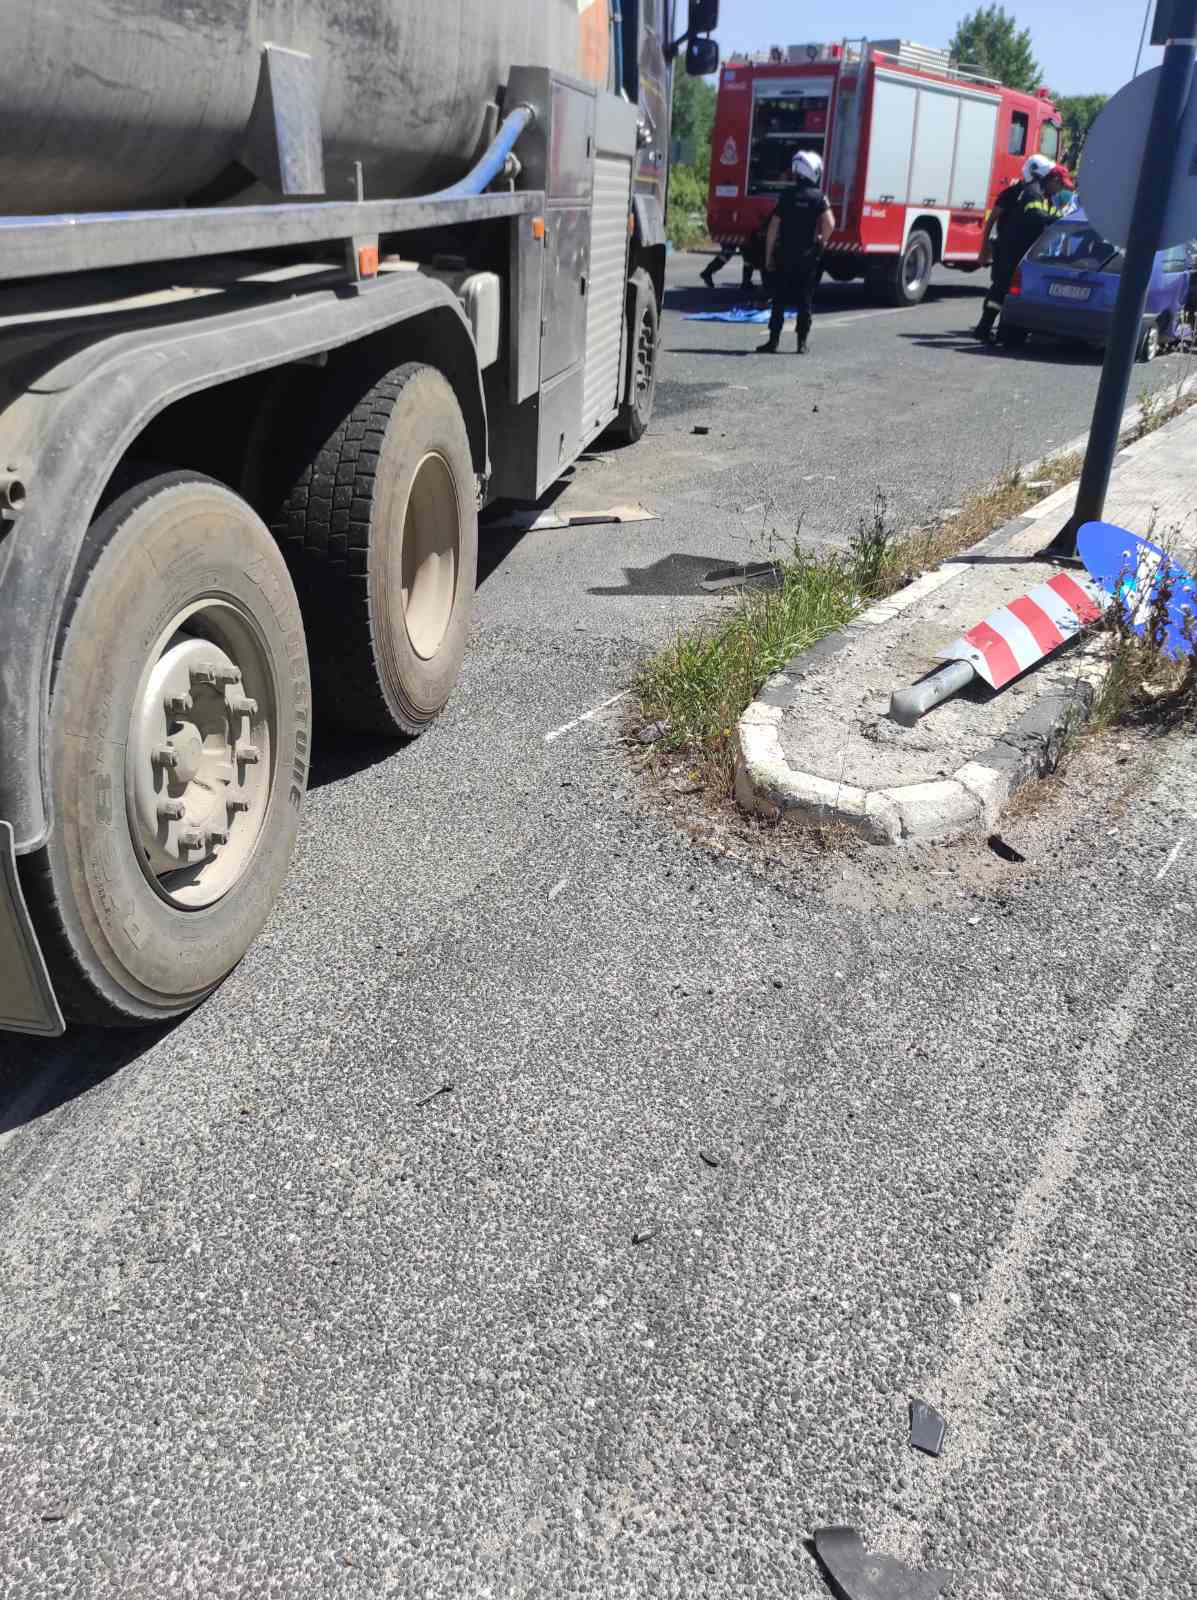 Τραγωδία σε τροχαίο το απόγευμα της Κυριακής: Φορτηγό συγκρούστηκε με αυτοκίνητο – Νεκρός ο οδηγός του ΙΧ (ΦΩΤΟ)